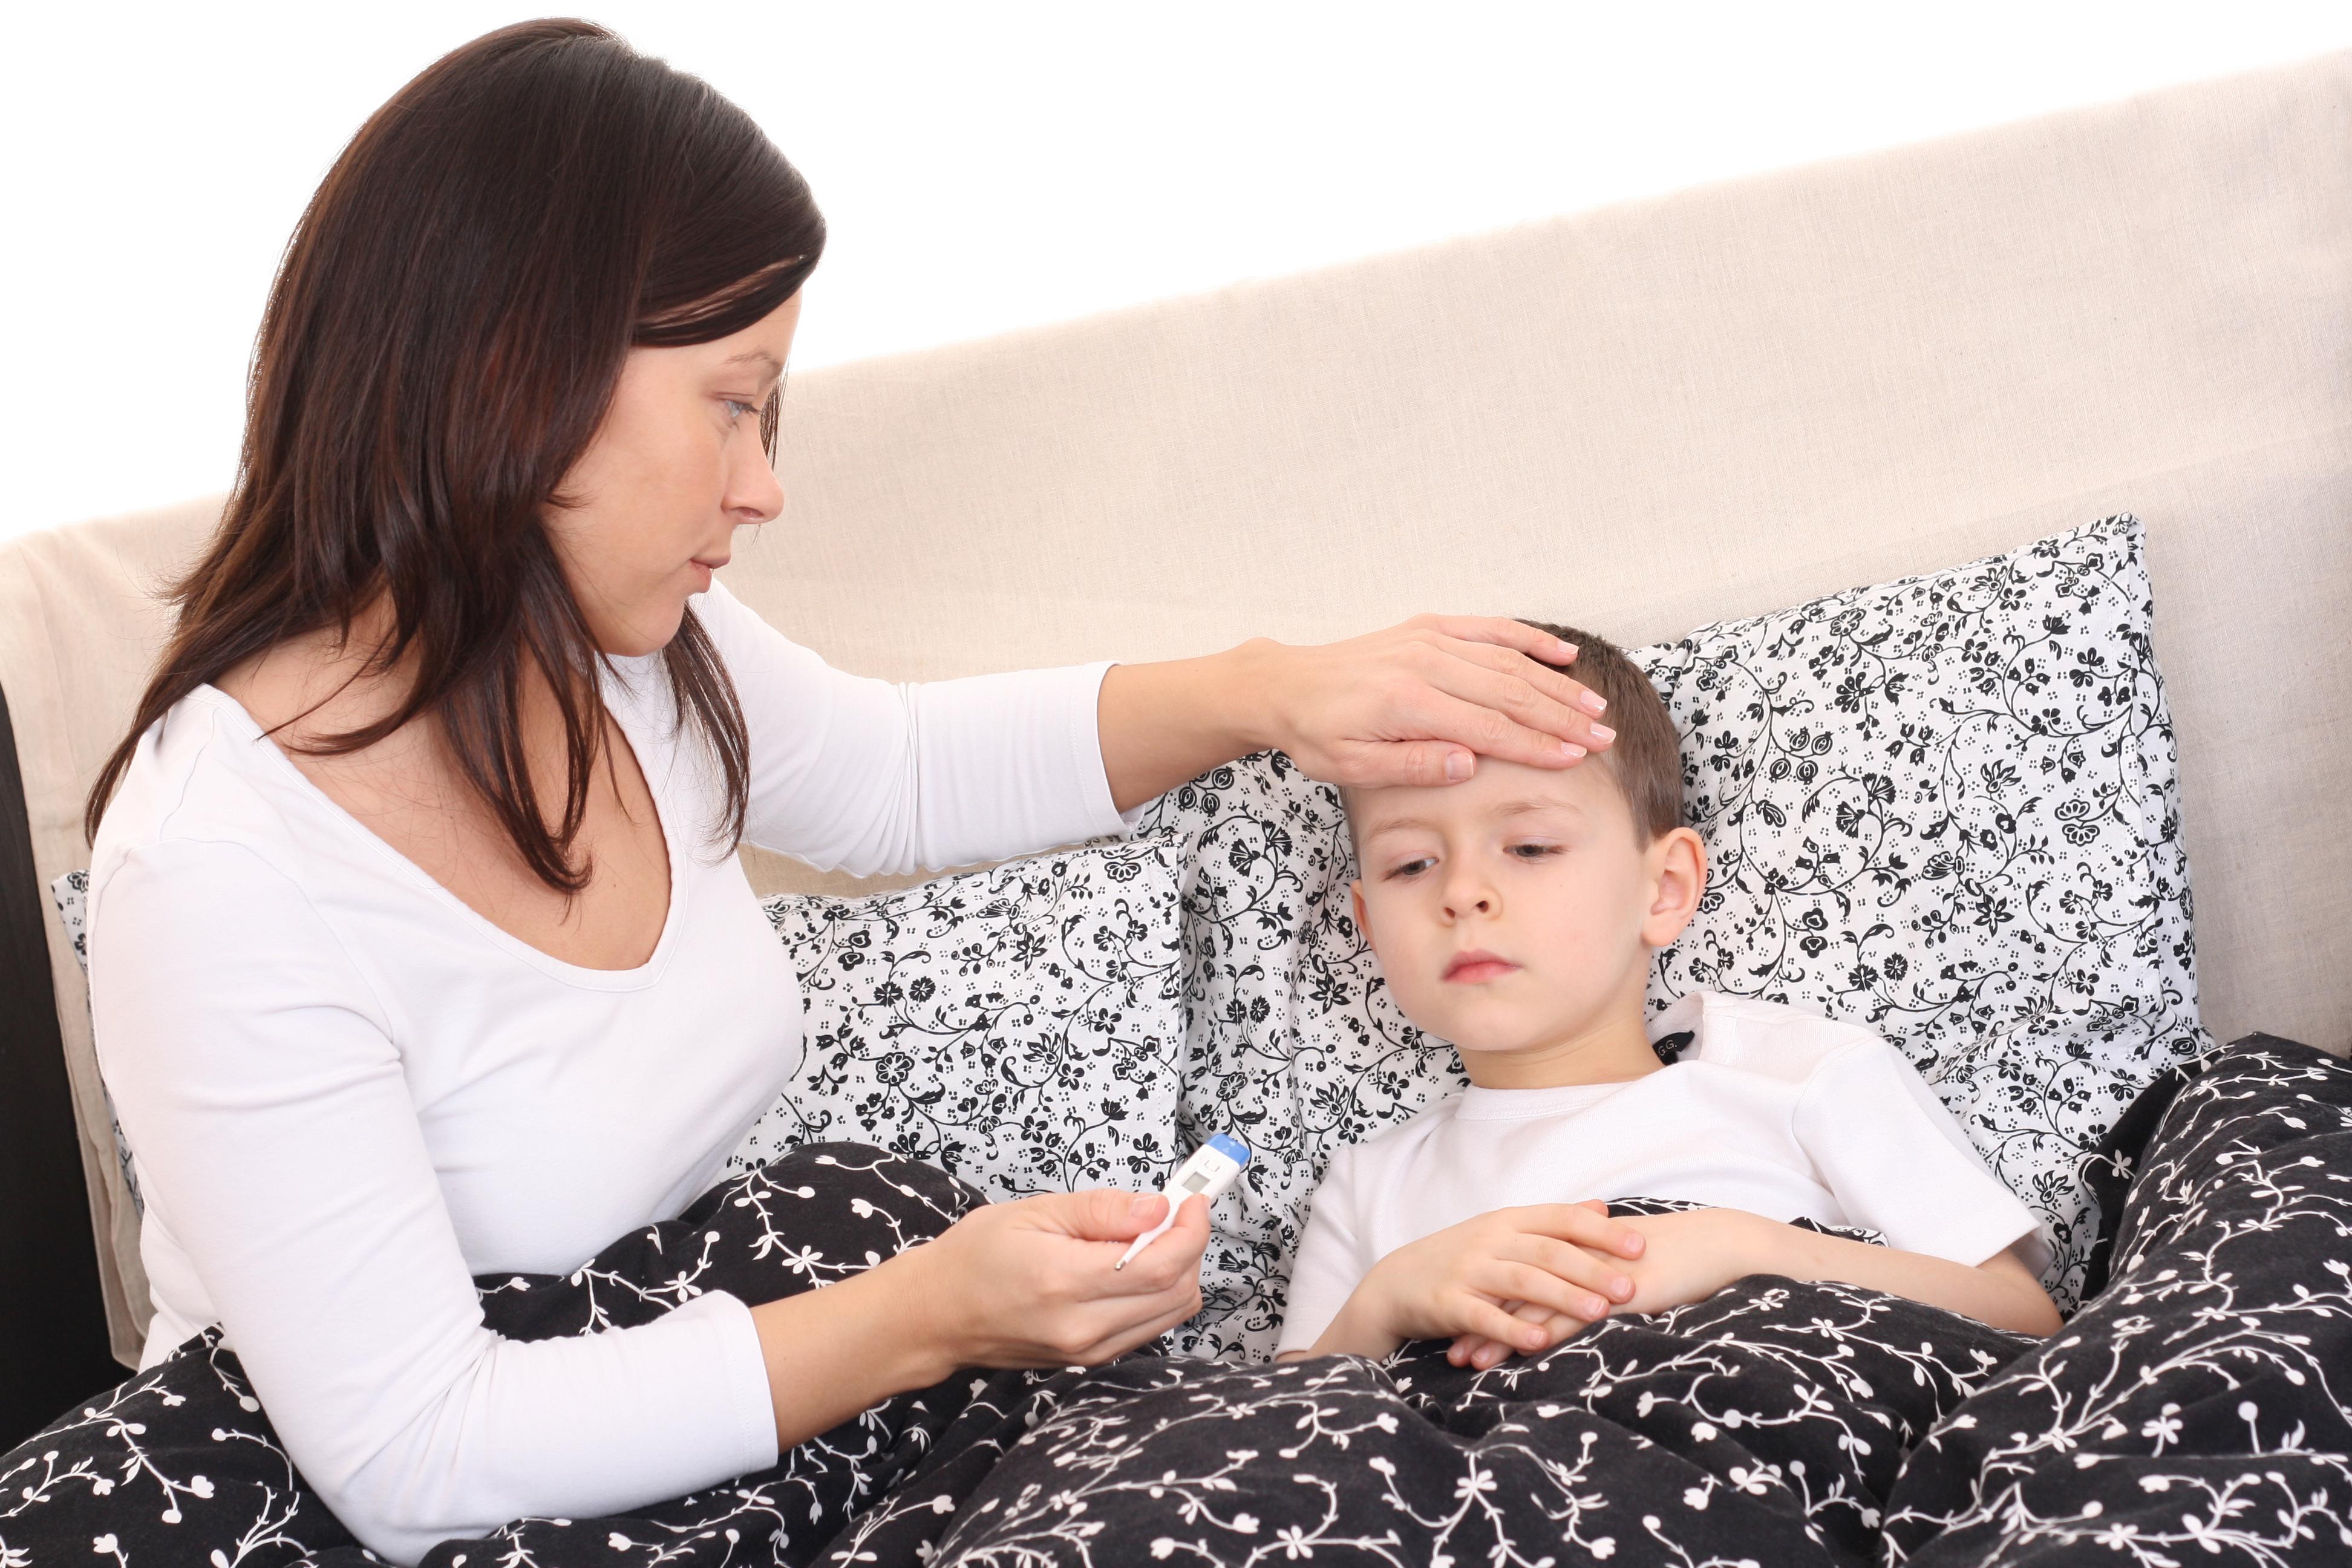 hur vet man om man har feber